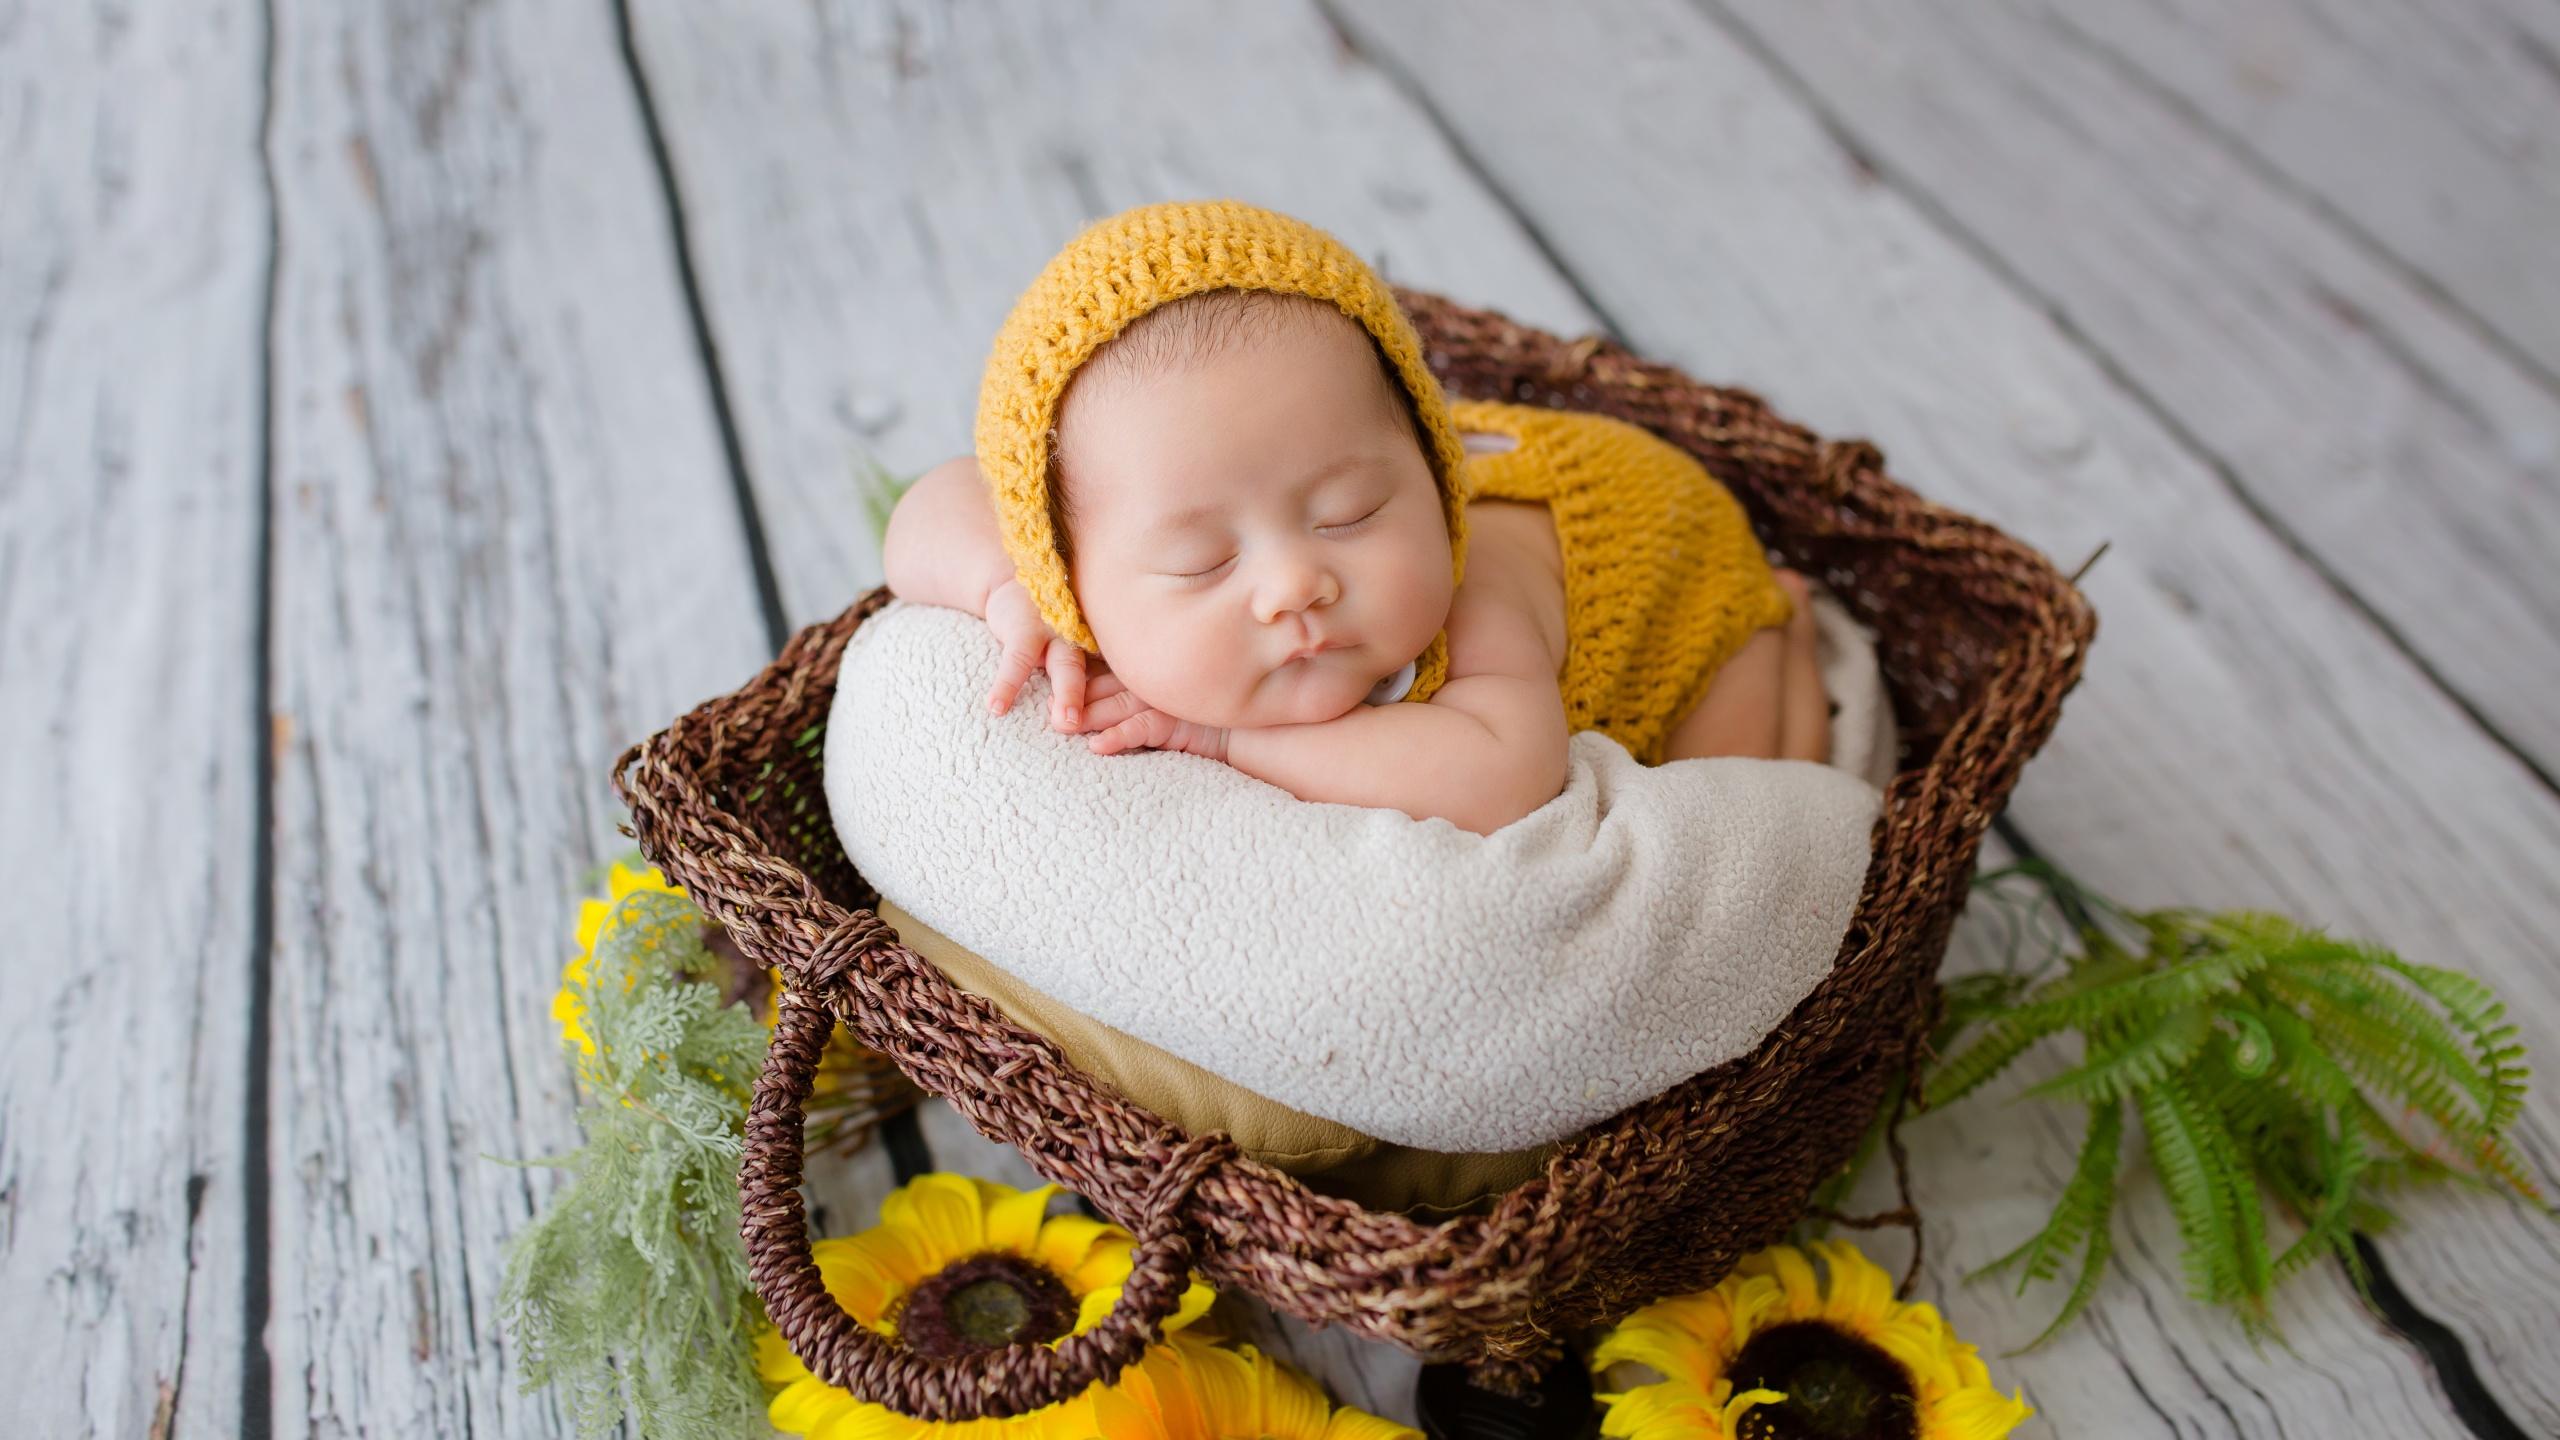 Newborn 4k Wallpaper Crochet Baby Costume Yellow Dress Sleeping Baby Basket Sunflowers Cute 2399